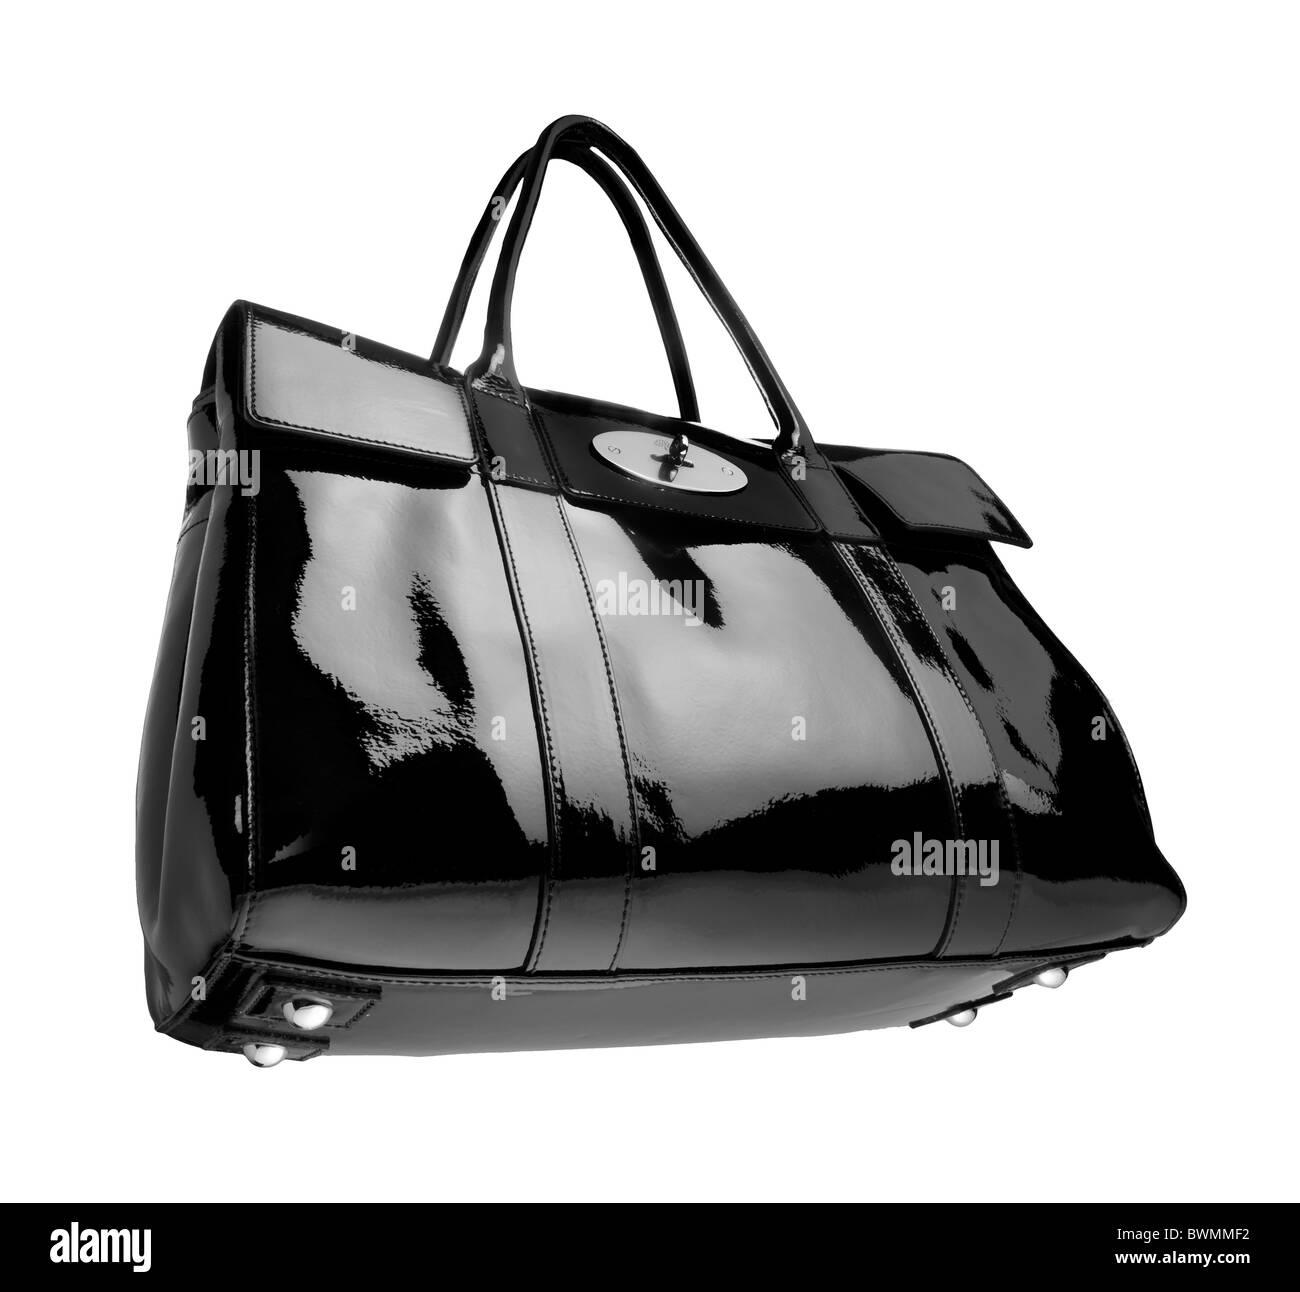 Mulberry Handtasche in schwarz patent glänzend weiches Leder Stockfoto